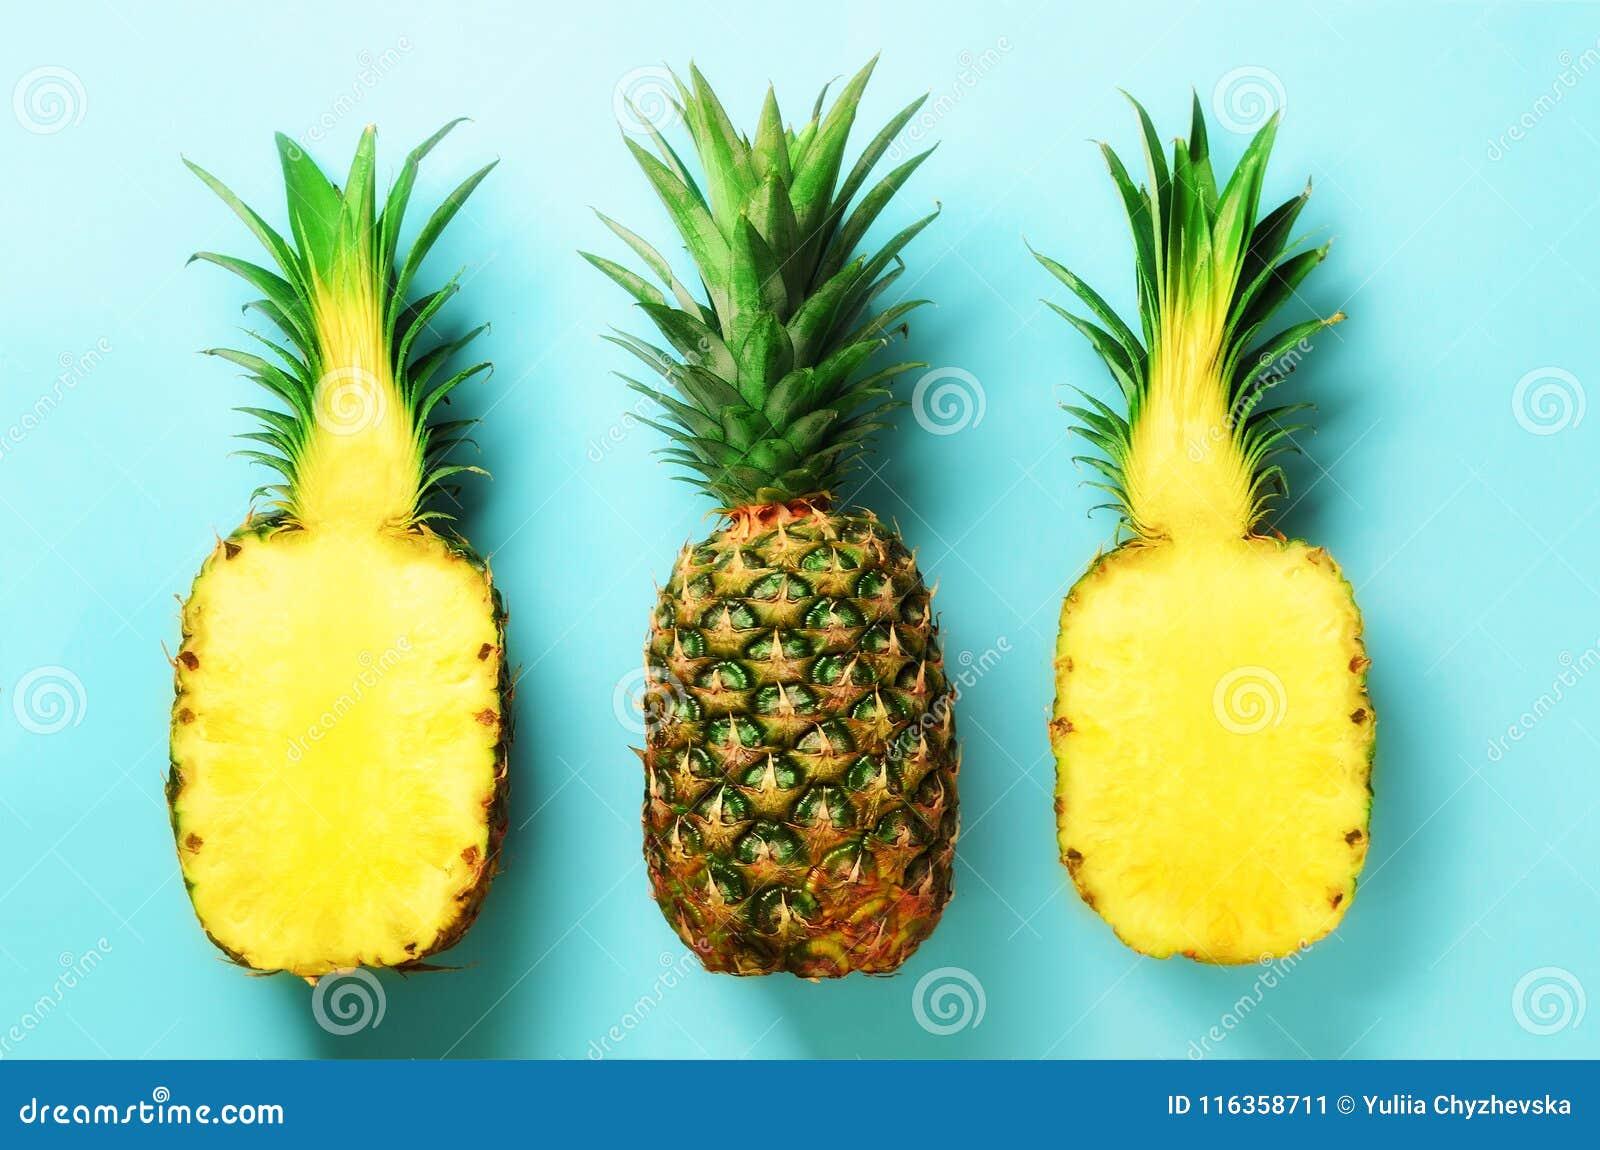 最小的样式的明亮的菠萝样式 顶视图 流行艺术设计,创造性的概念 复制空间 新鲜的菠萝